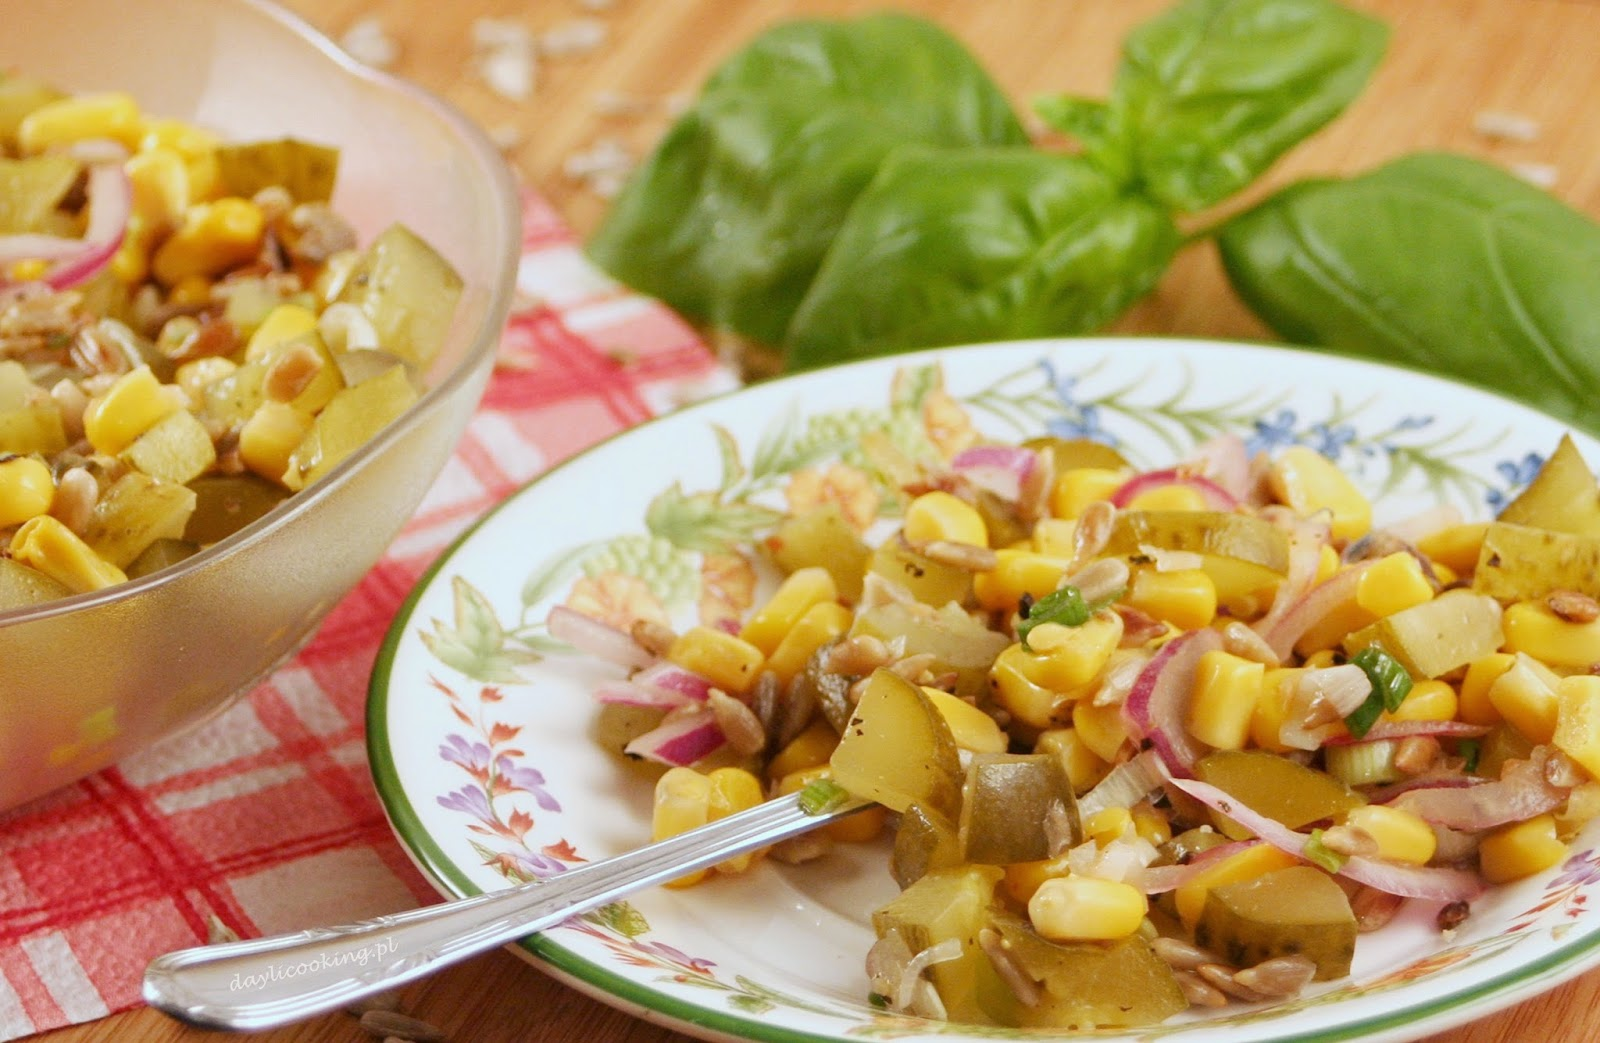 Sałatka z kiszonych ogórków, kukurydzy i prażonego słonecznika